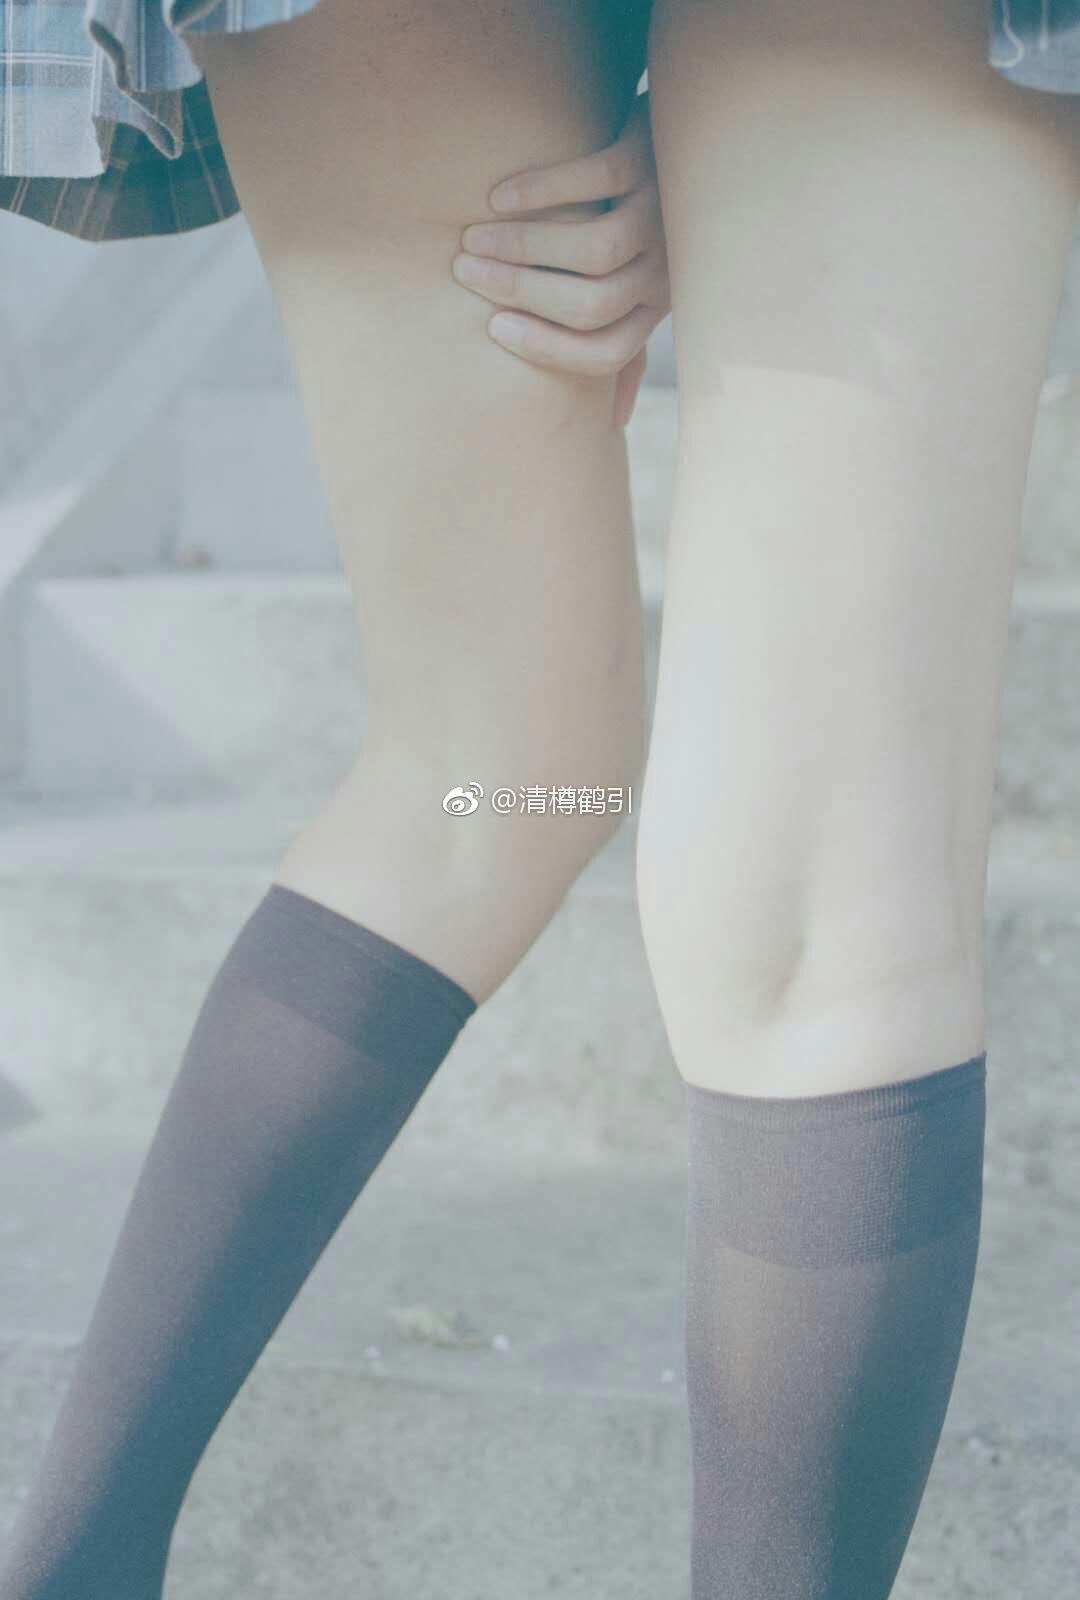 腿控福利,撩人的萌妹子制服写真(9P)